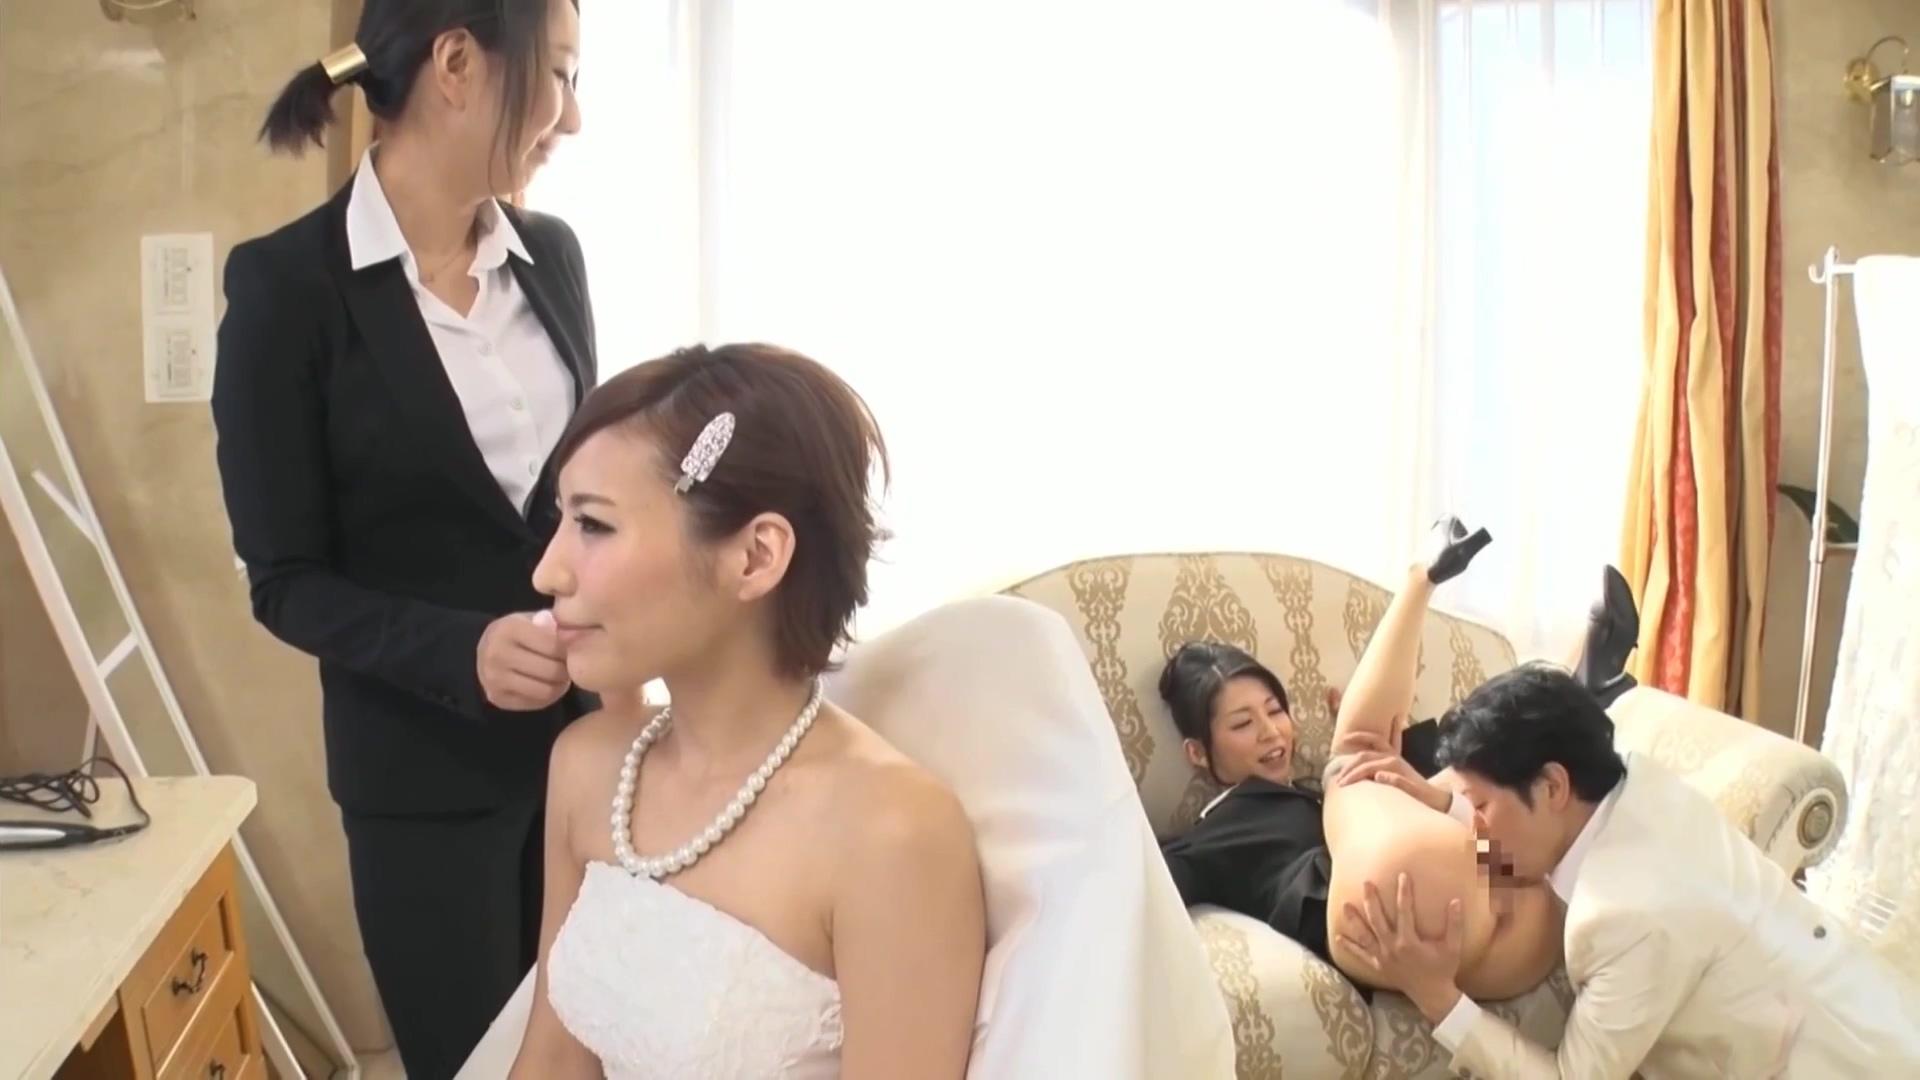 SEXのハードル・ウェディング編 新婦メイク中に勃起してしまった新郎が式場スタッフ女性に中出し 夏希みなみ